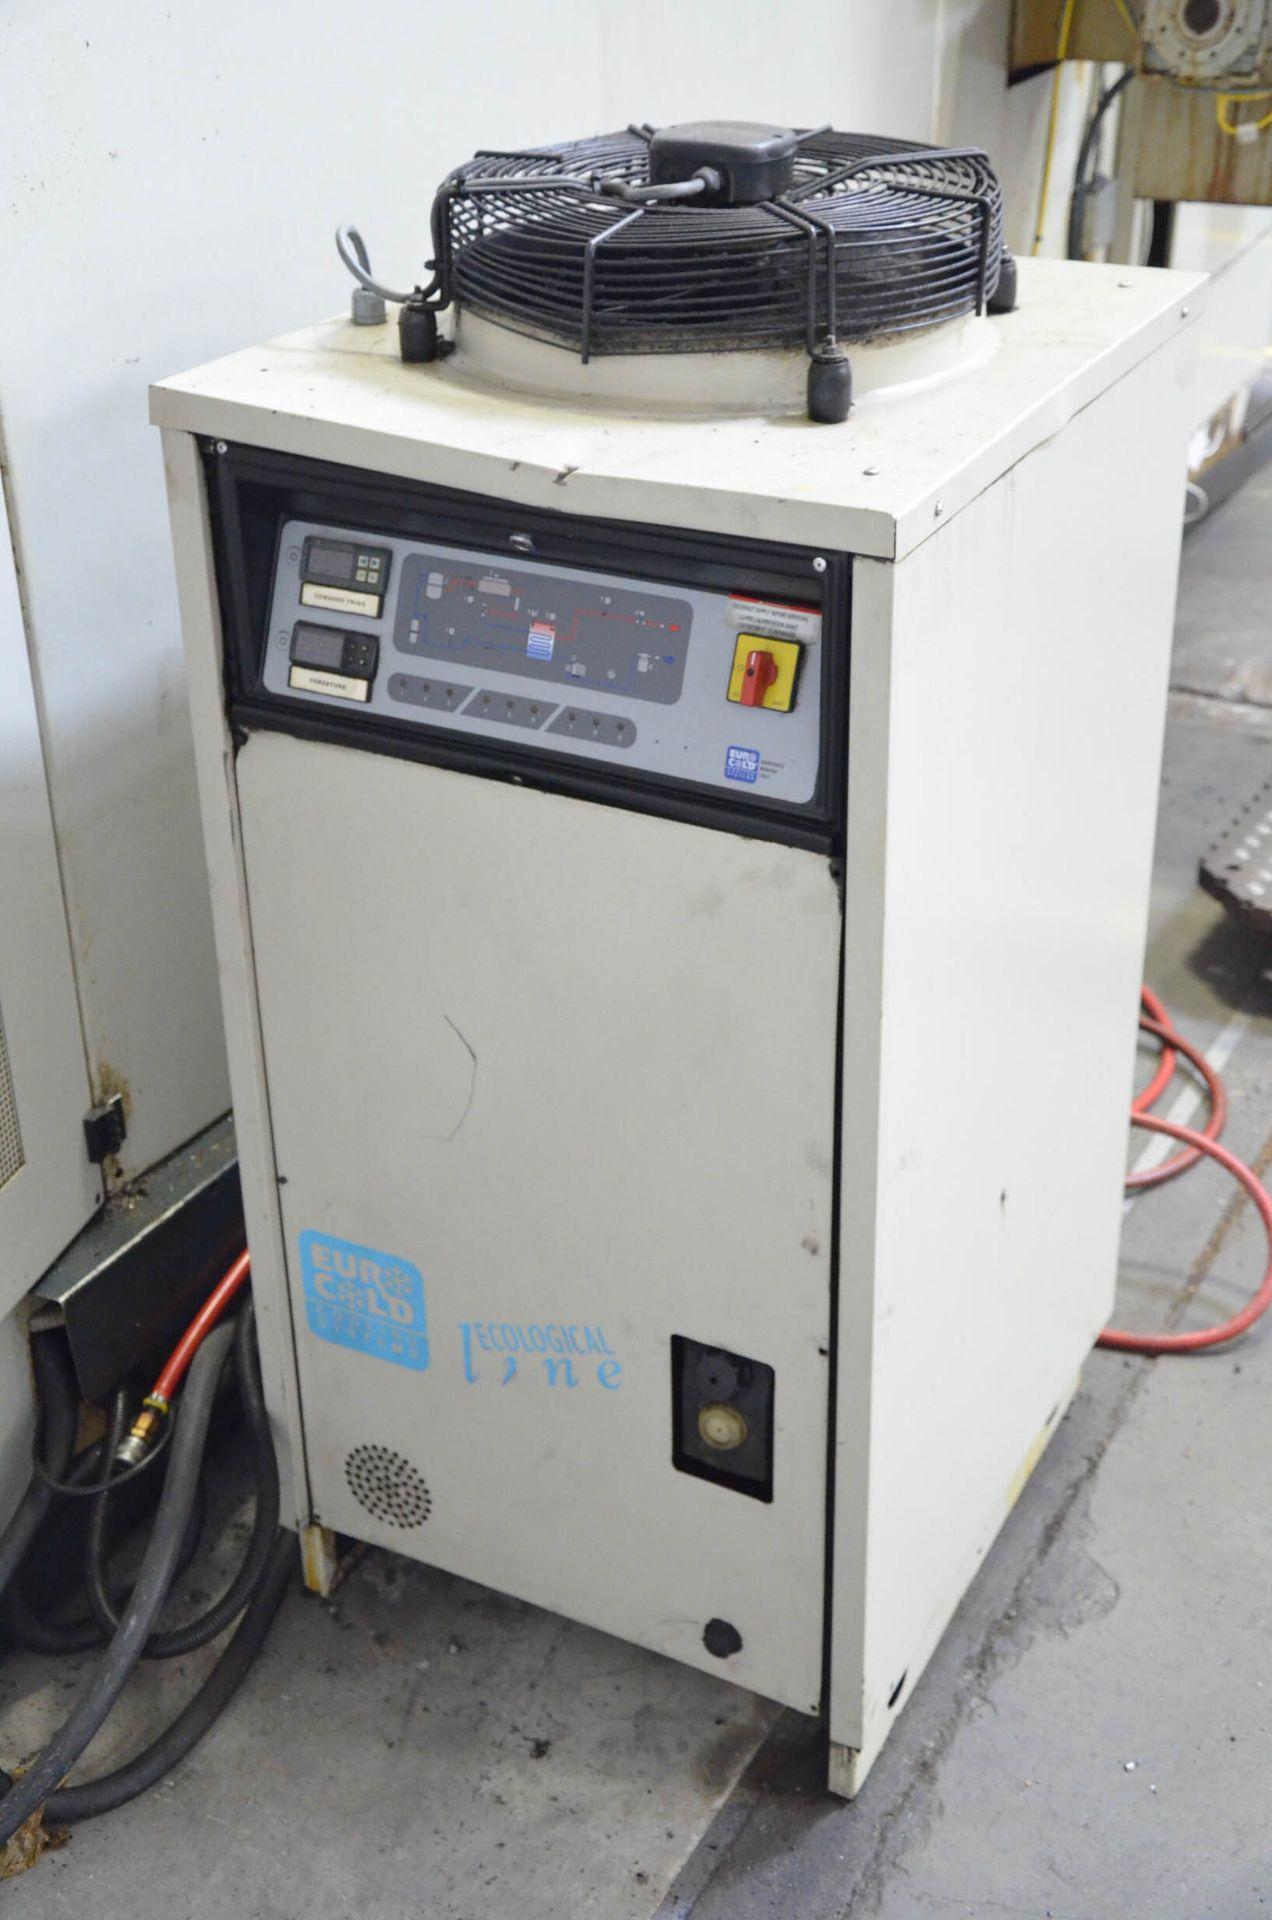 """IMSA (2006) MF 1000 - MF 1200 BB L CNC GUN DRILL WITH SELCA S4000 CNC CONTROL, 47.25"""" X 59"""" ROTARY - Image 6 of 8"""